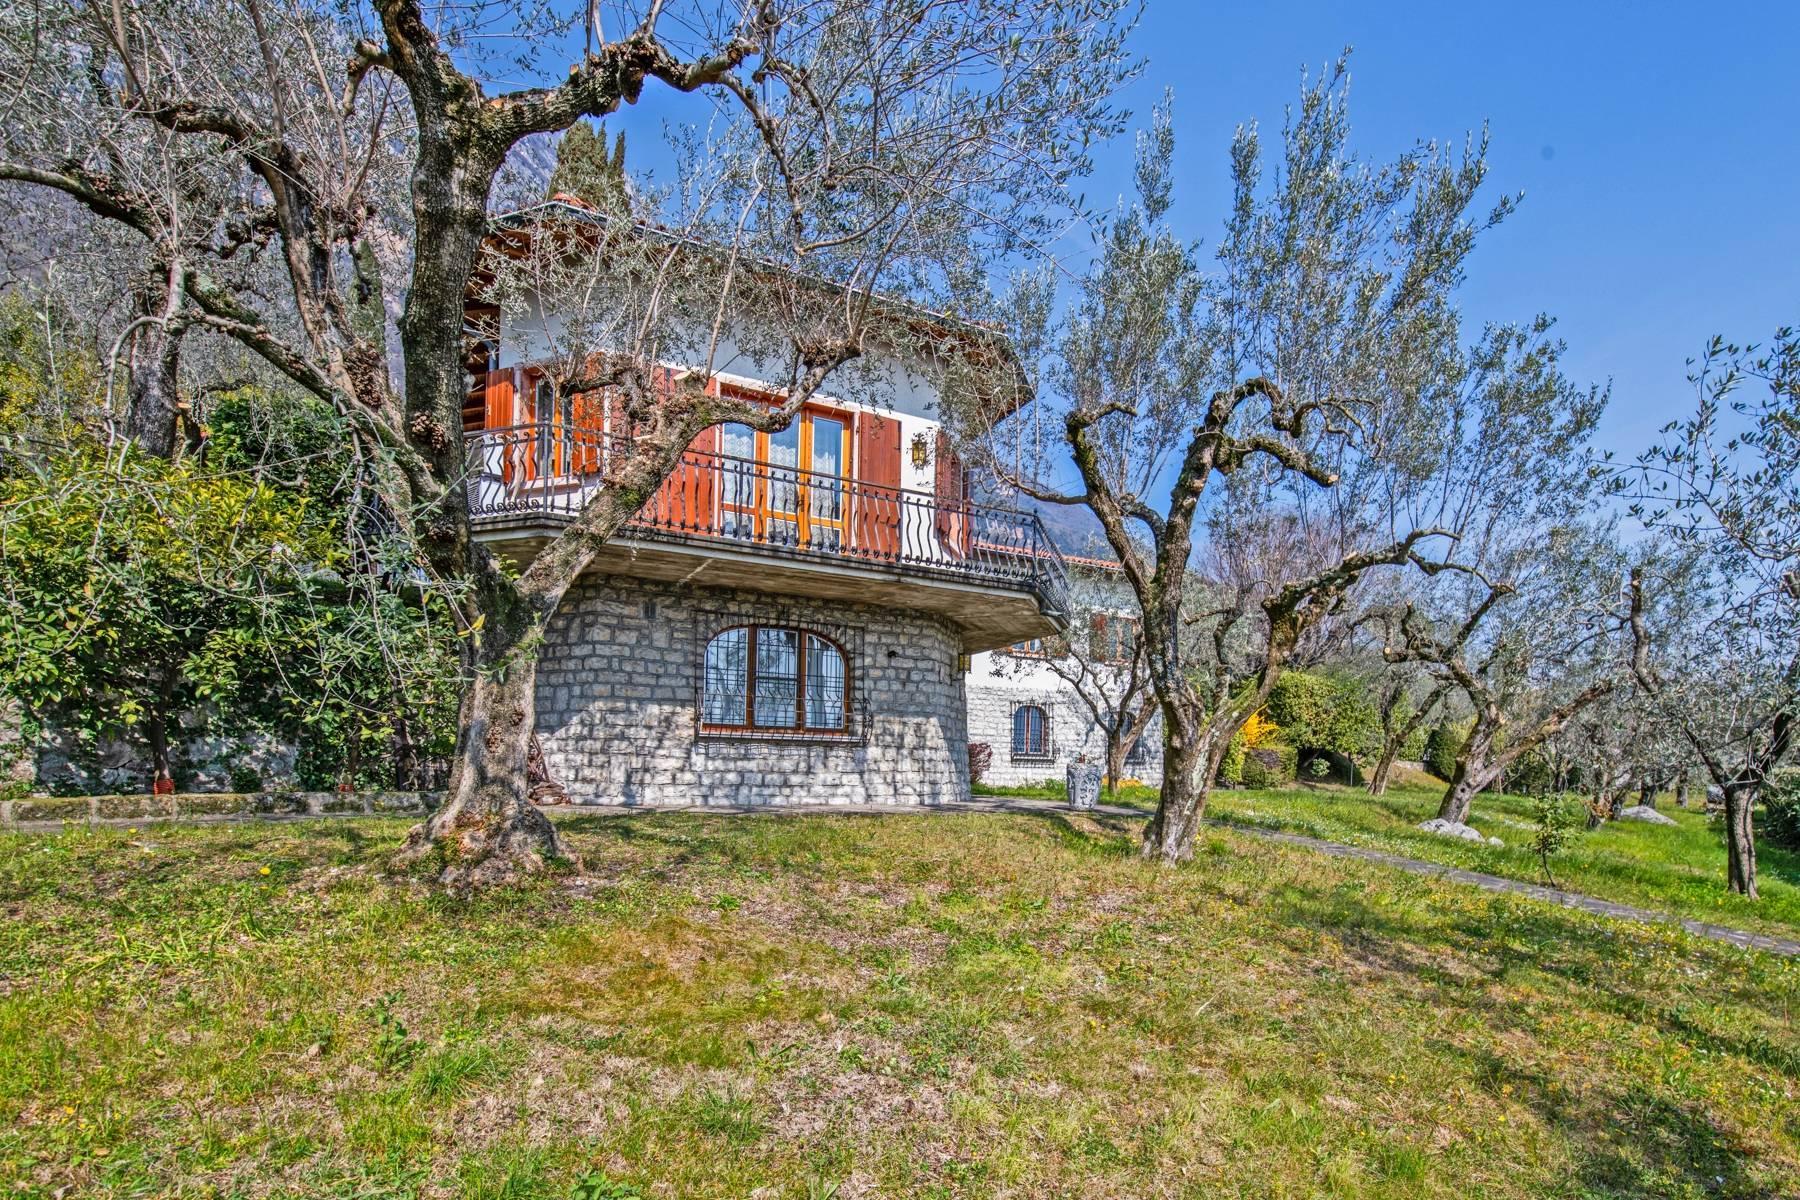 Villa in Gargnano inmitten der Olivenbäume vom Gardasee mit herrlichem Seeblick - 27